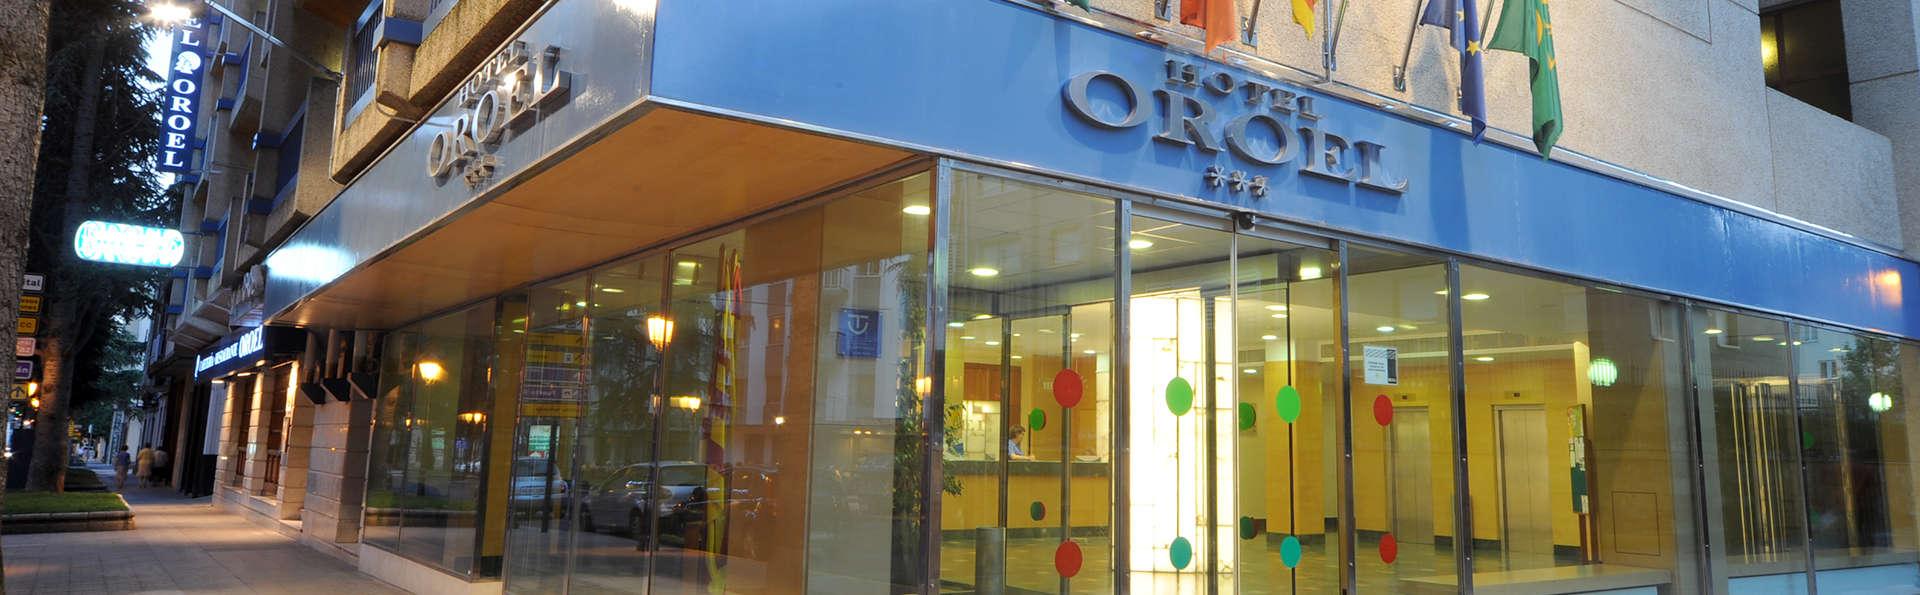 Hotel Oroel - Edit_Front2.jpg